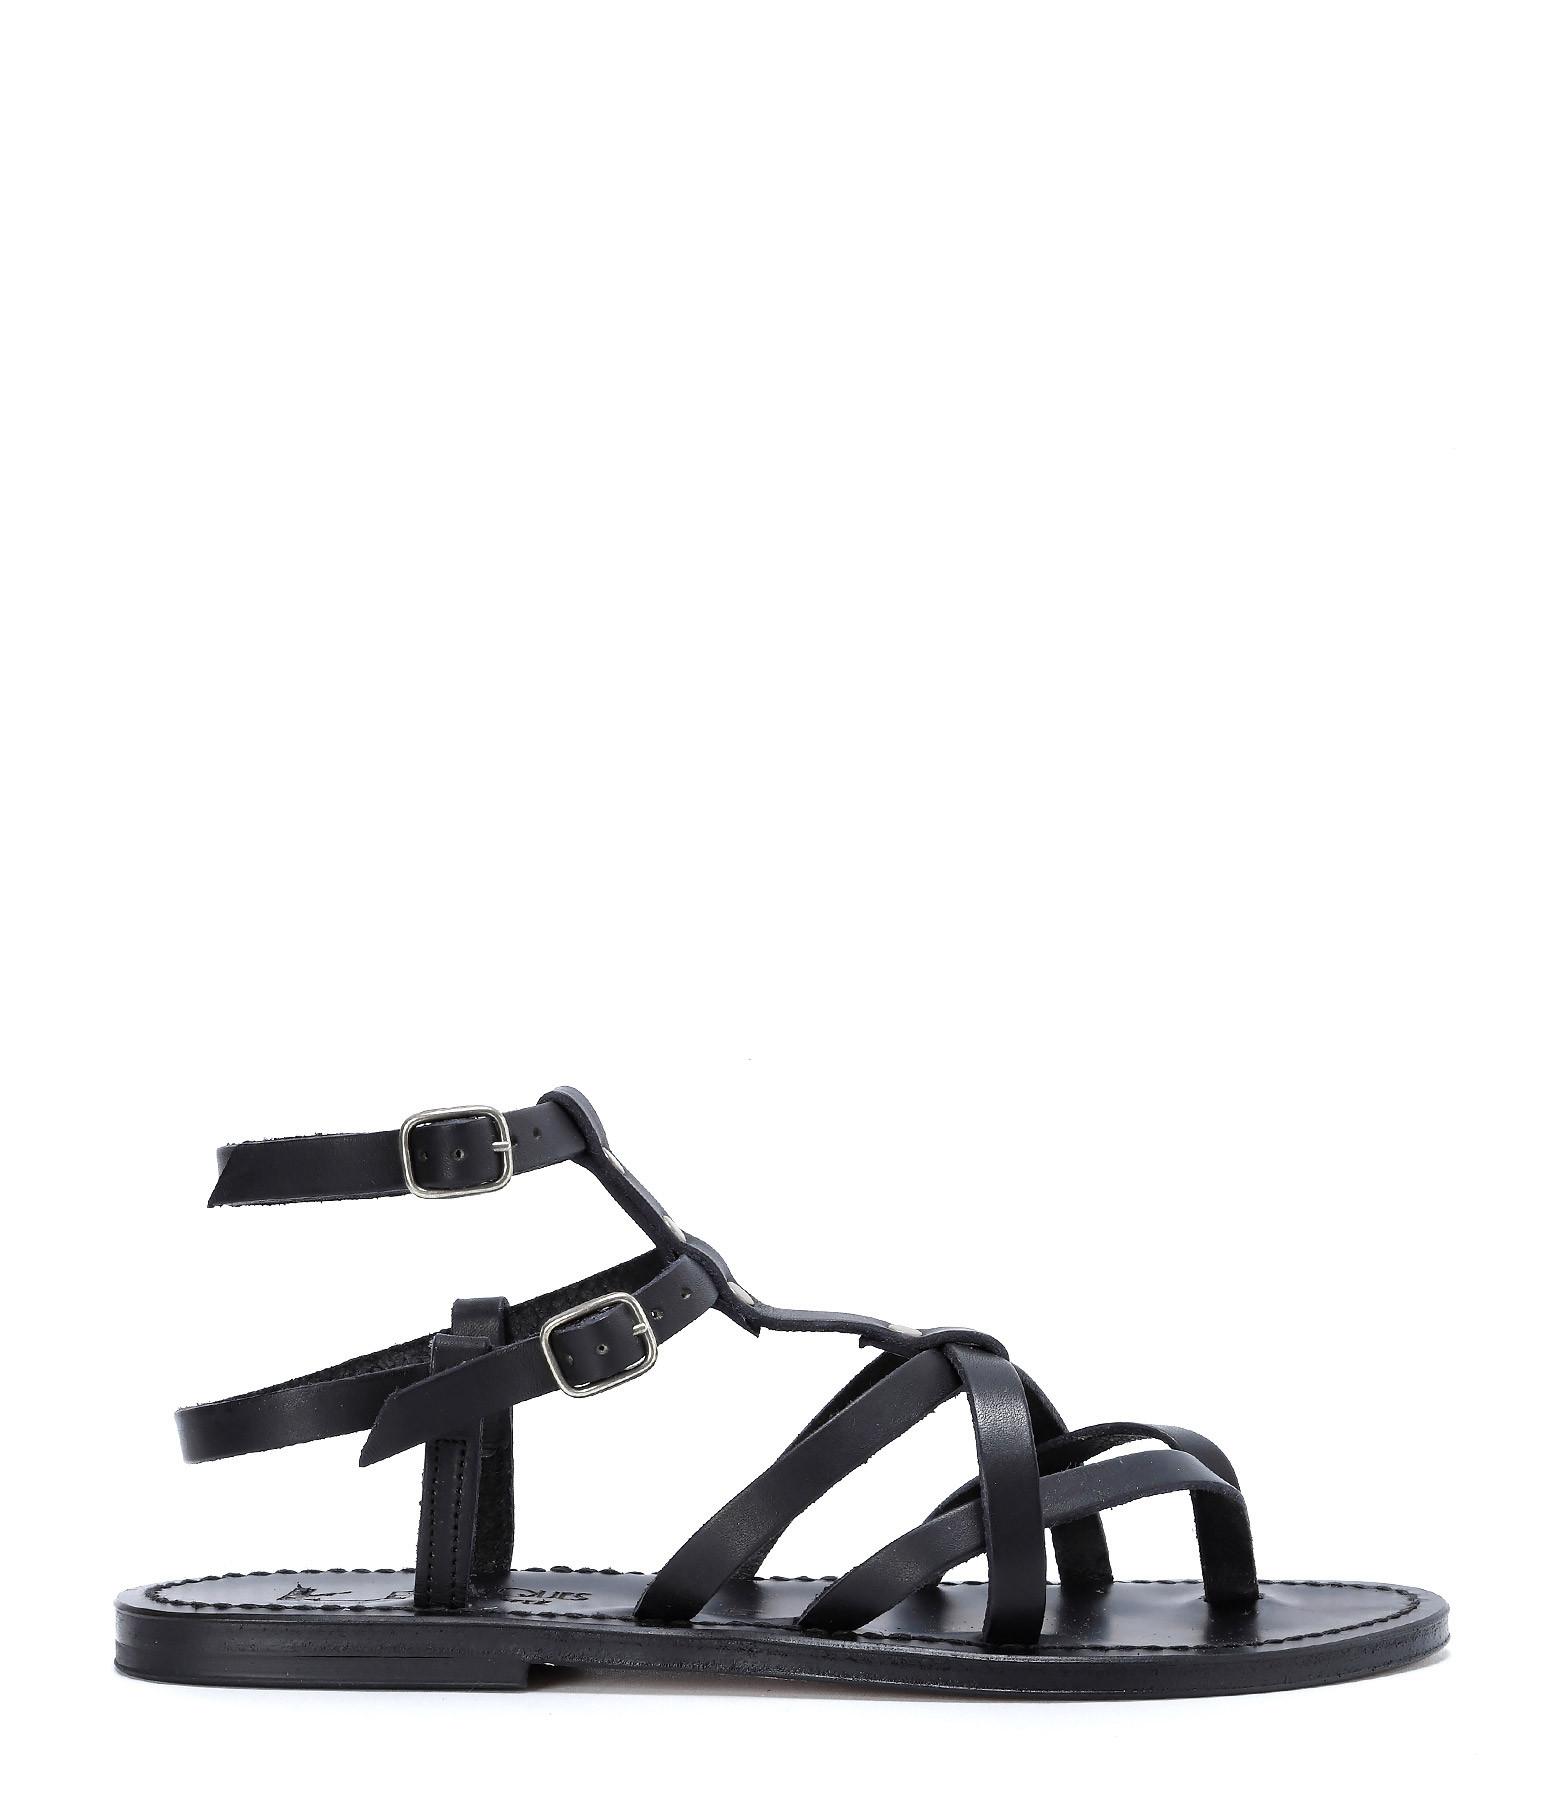 GTX Chaussures de Haut pour Femme, Ebène, Cadeau Gratuit - Noir -.